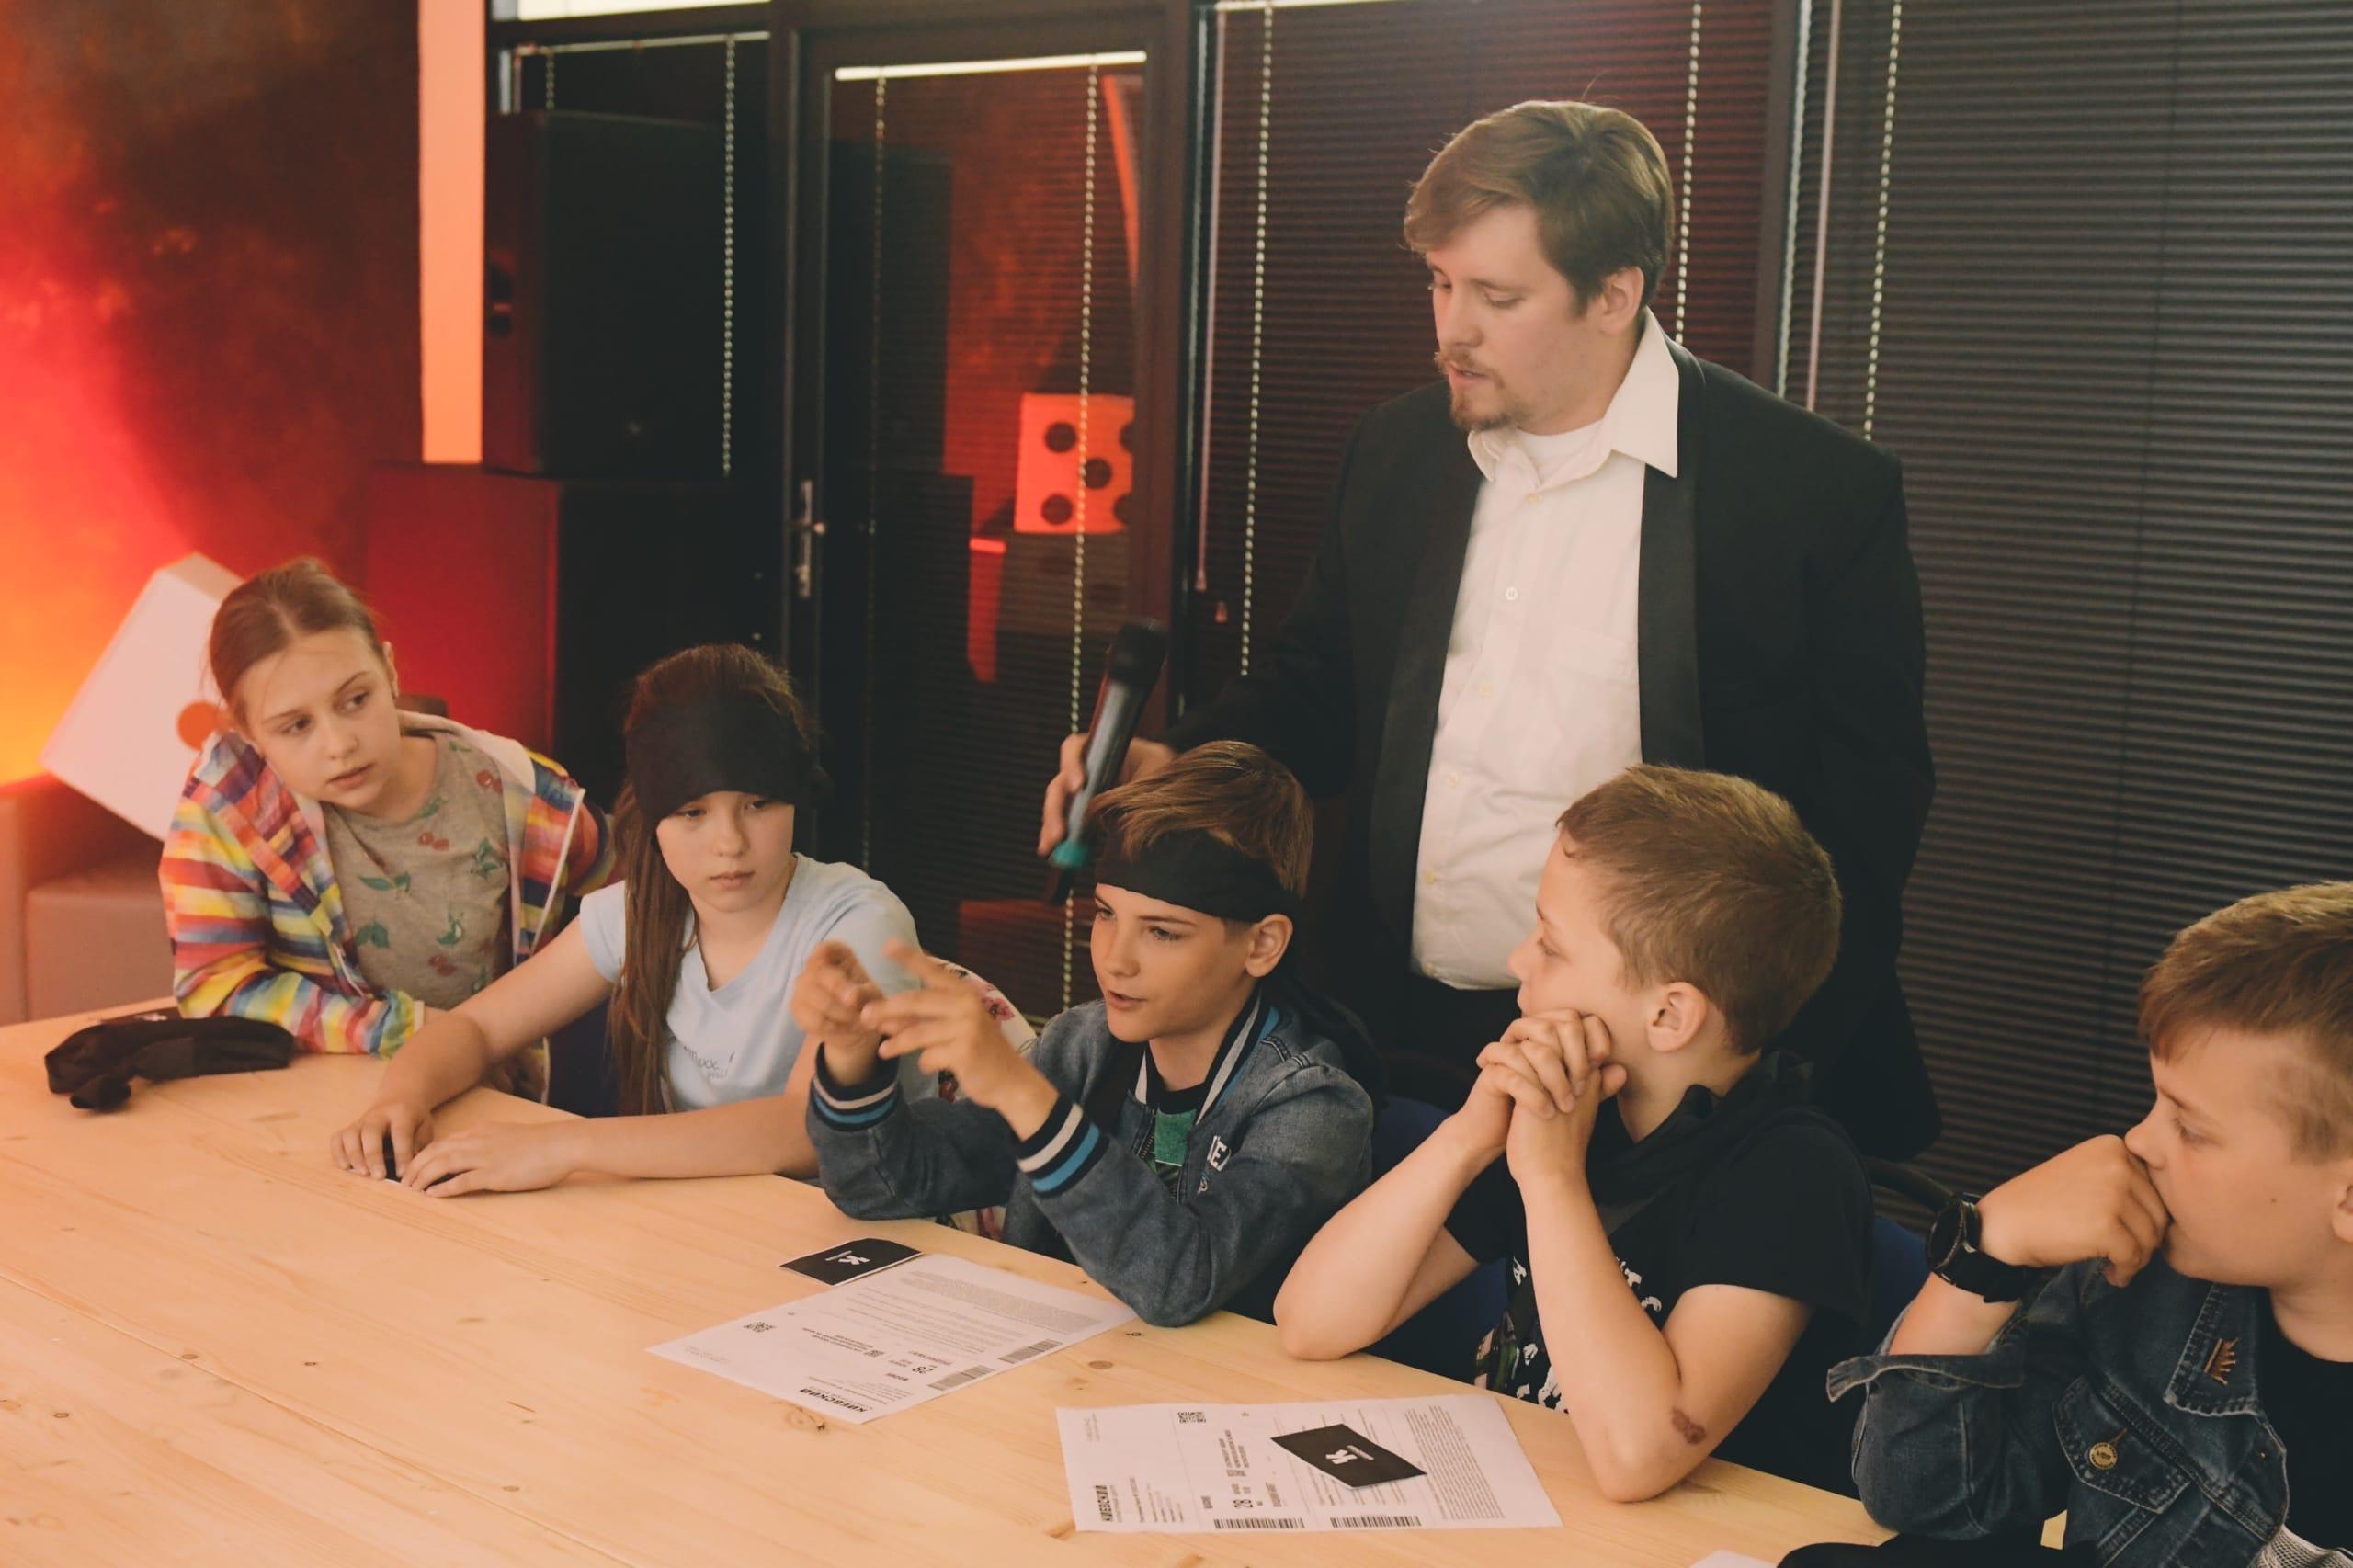 Мероприятие «Разговоры о современном» прошло в Культурном центре «Киевский»